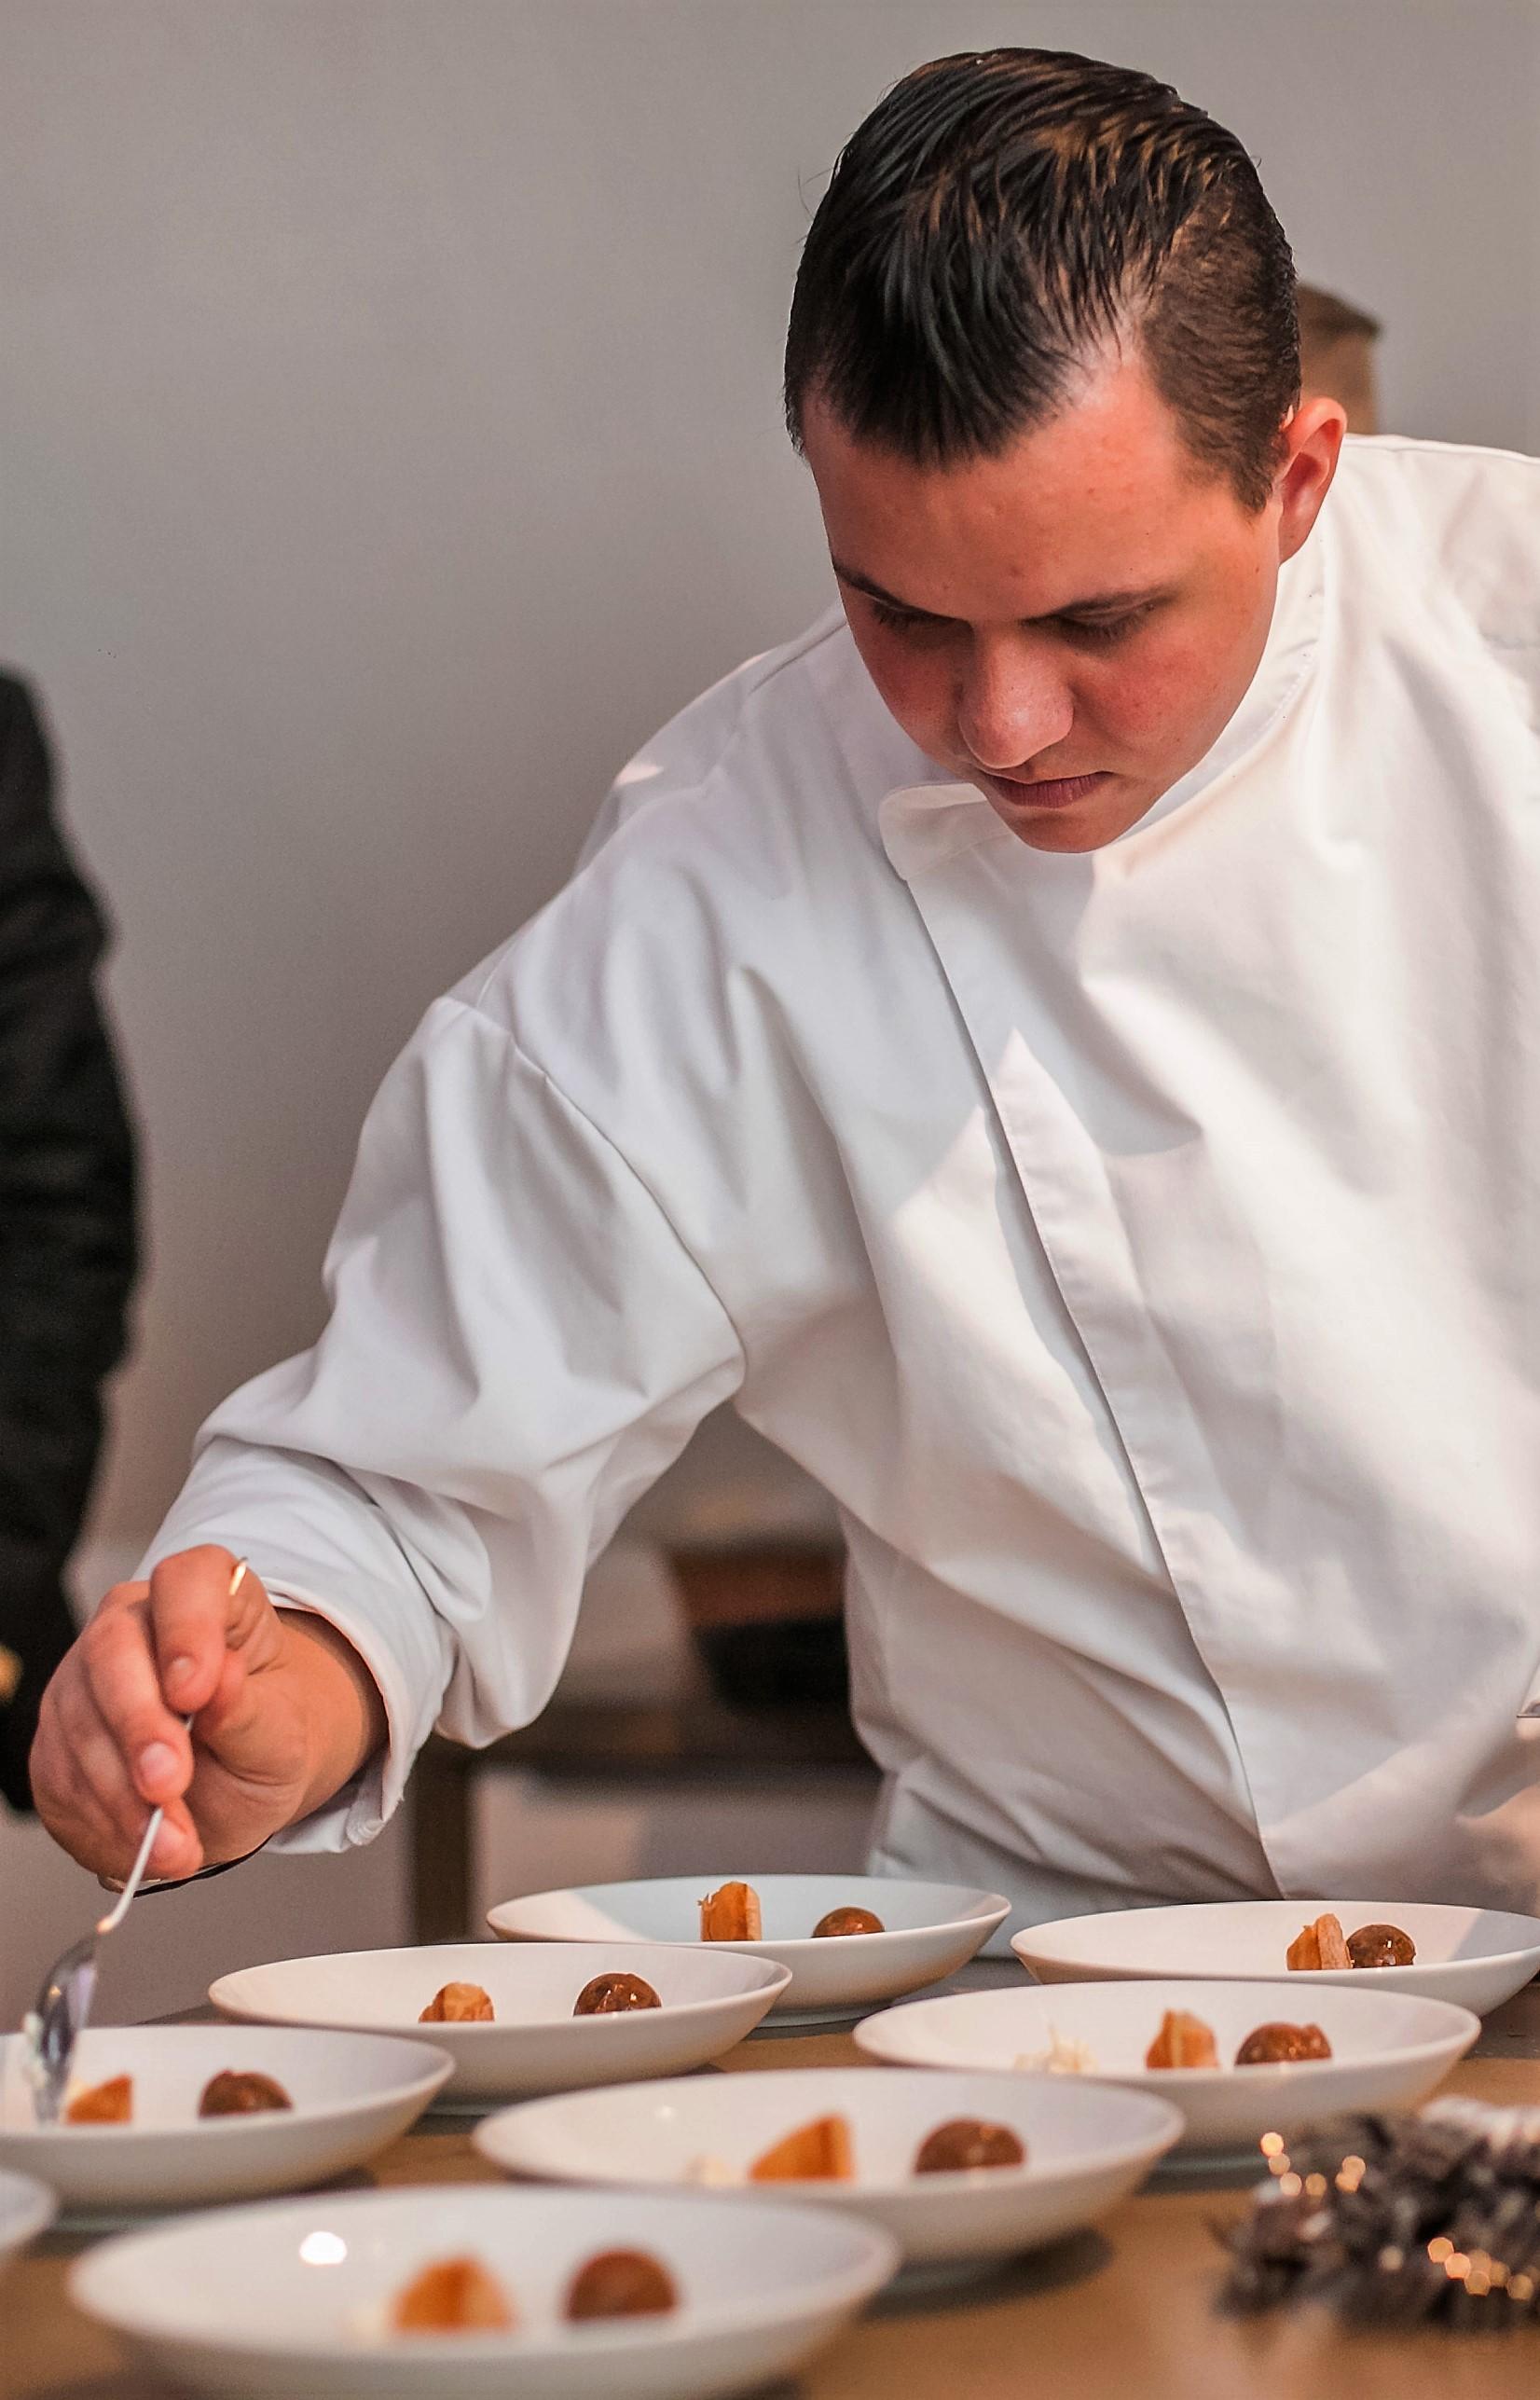 © Philipp Lipiarski / www.lipiarski.com, Dominik Hayduck beim Zubereiten eines Schnecken-Menüs, Farm 2 Table